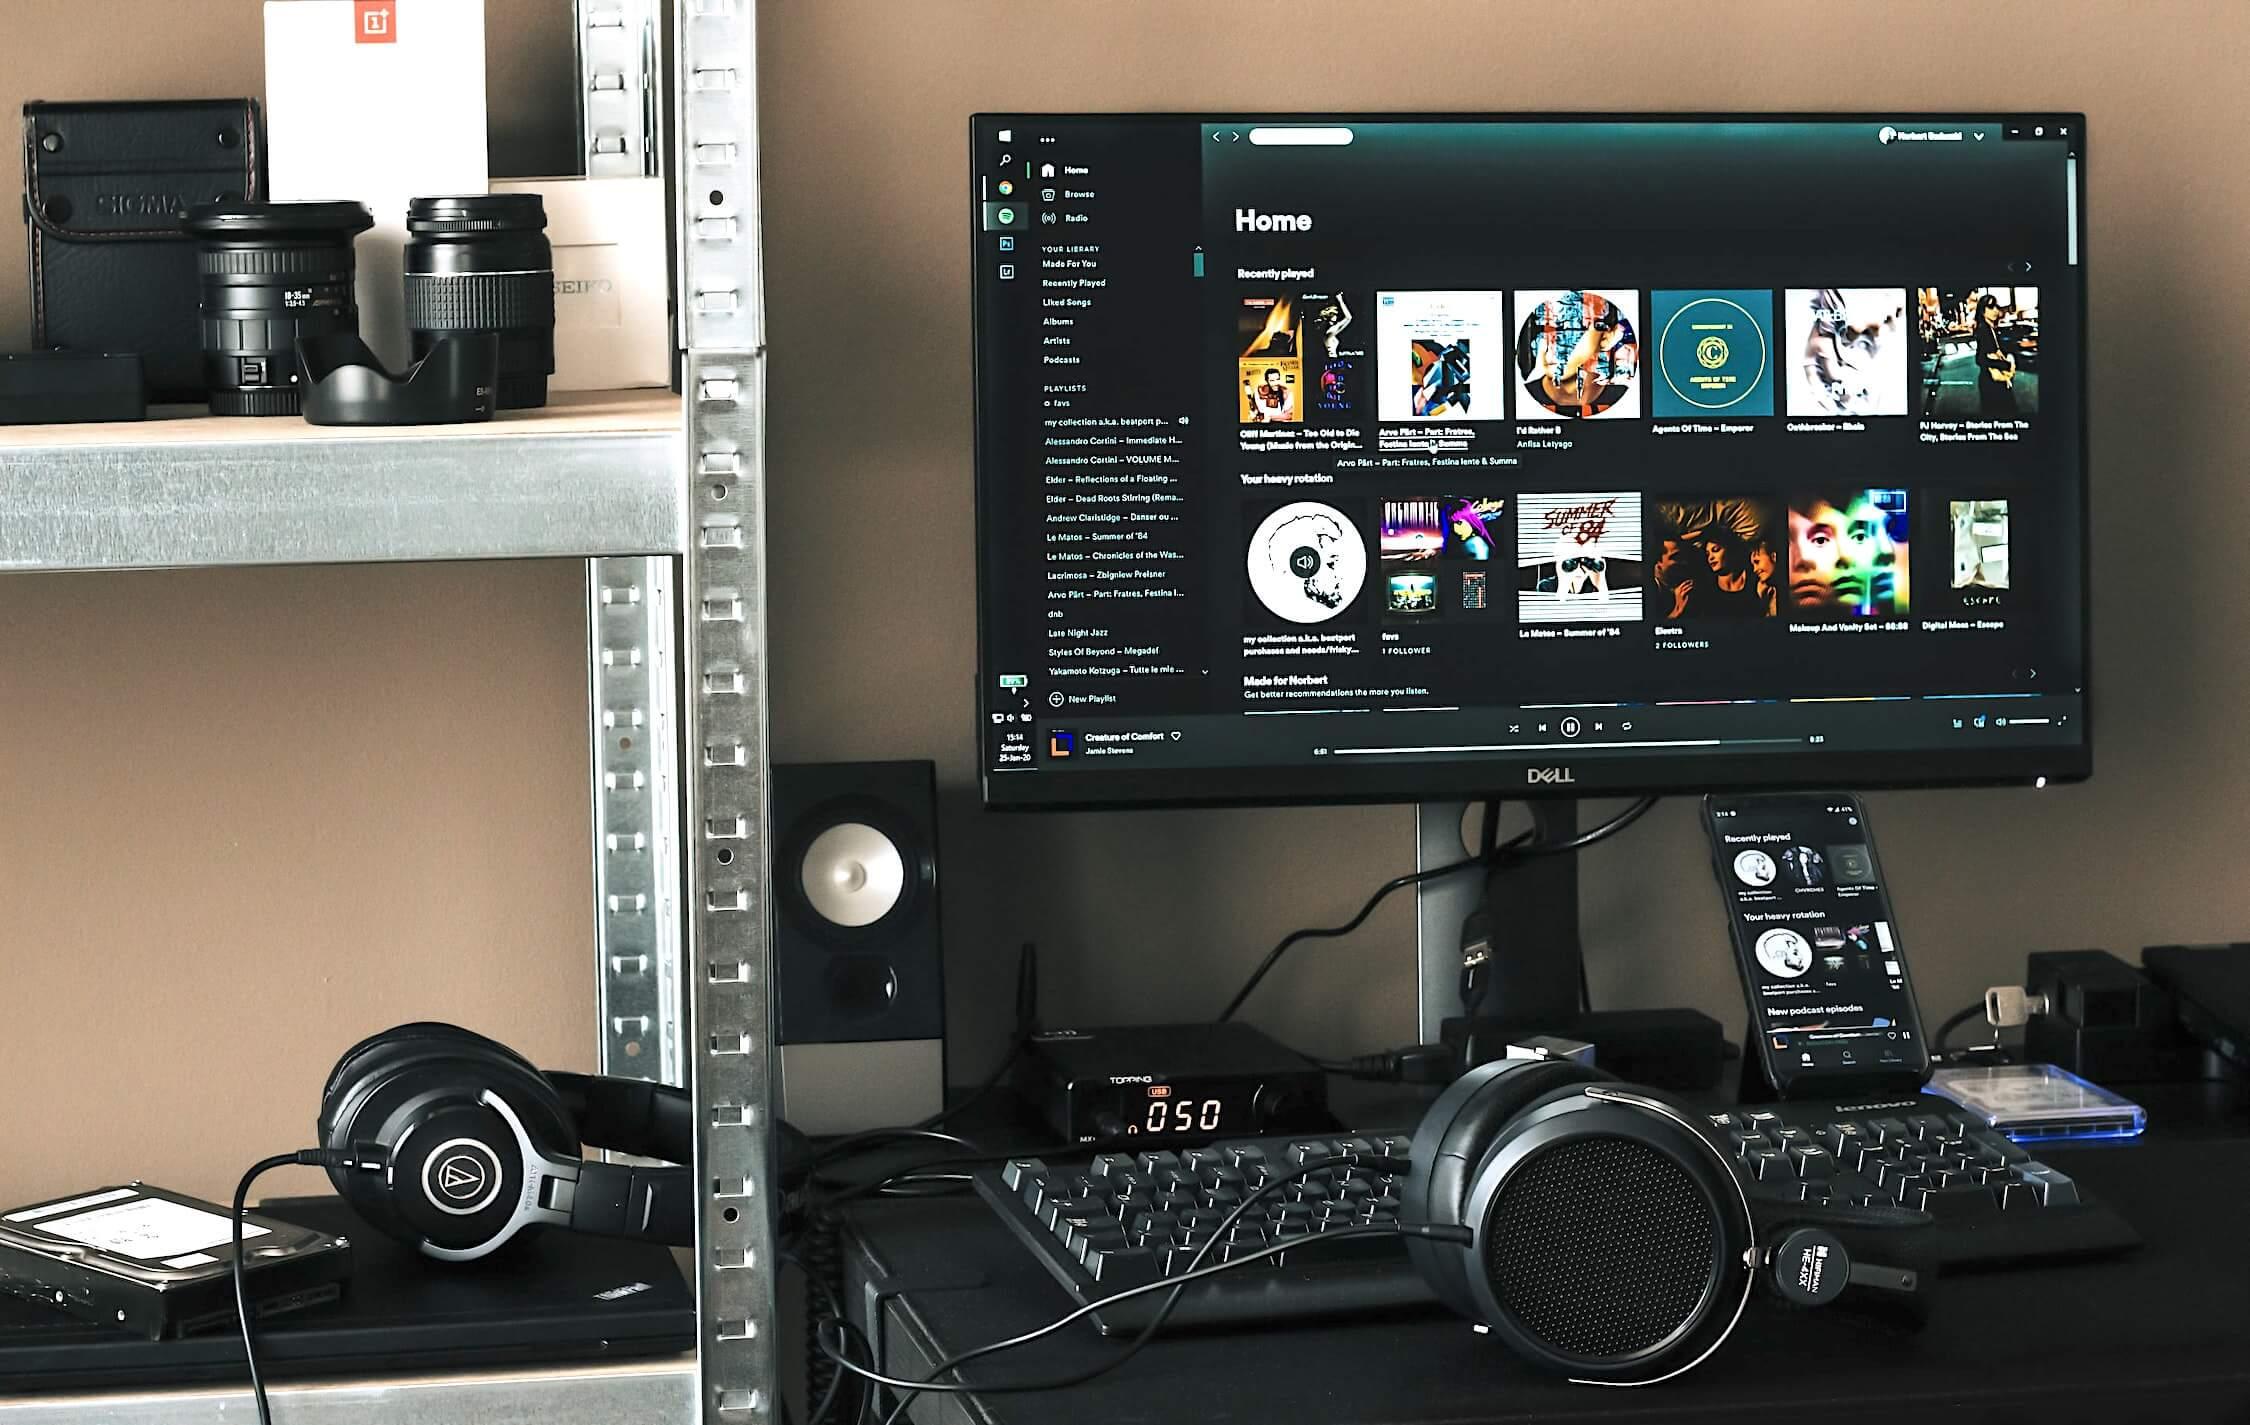 Что послушать, когда пишешь код — плейлисты с рок-музыкой, эмбиентом и саундтреками из игр - 2